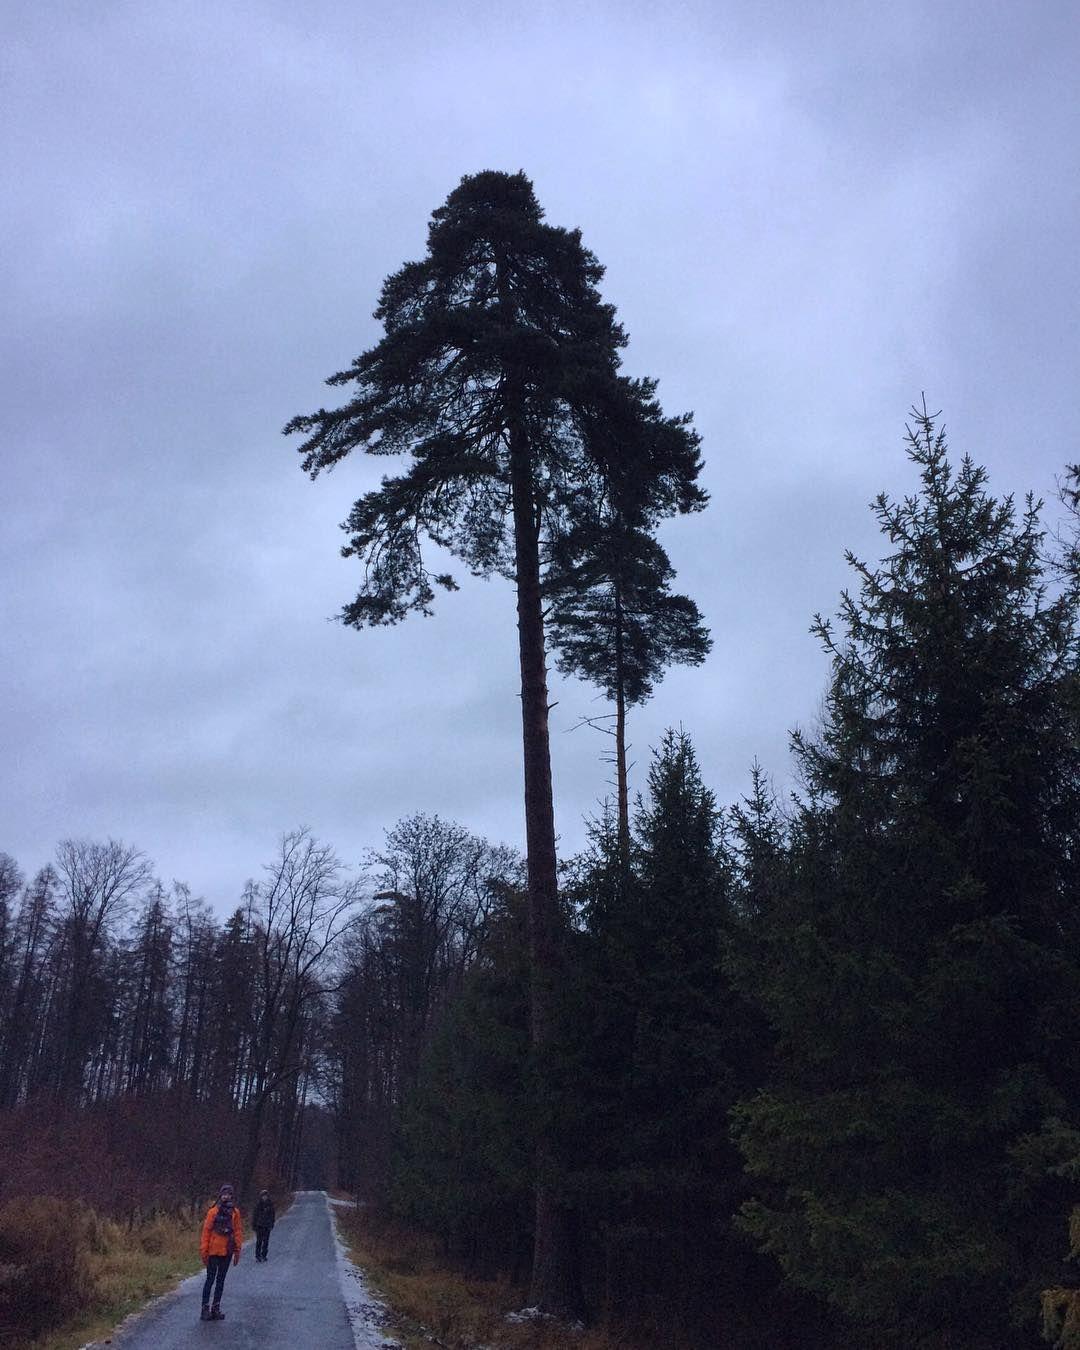 #naturelovers #forest #famillytrip #walking #pine #japanesefeeling Japanerie pro Honzíka!A že jich tam bylo!☁️❄️#klubkocestuje